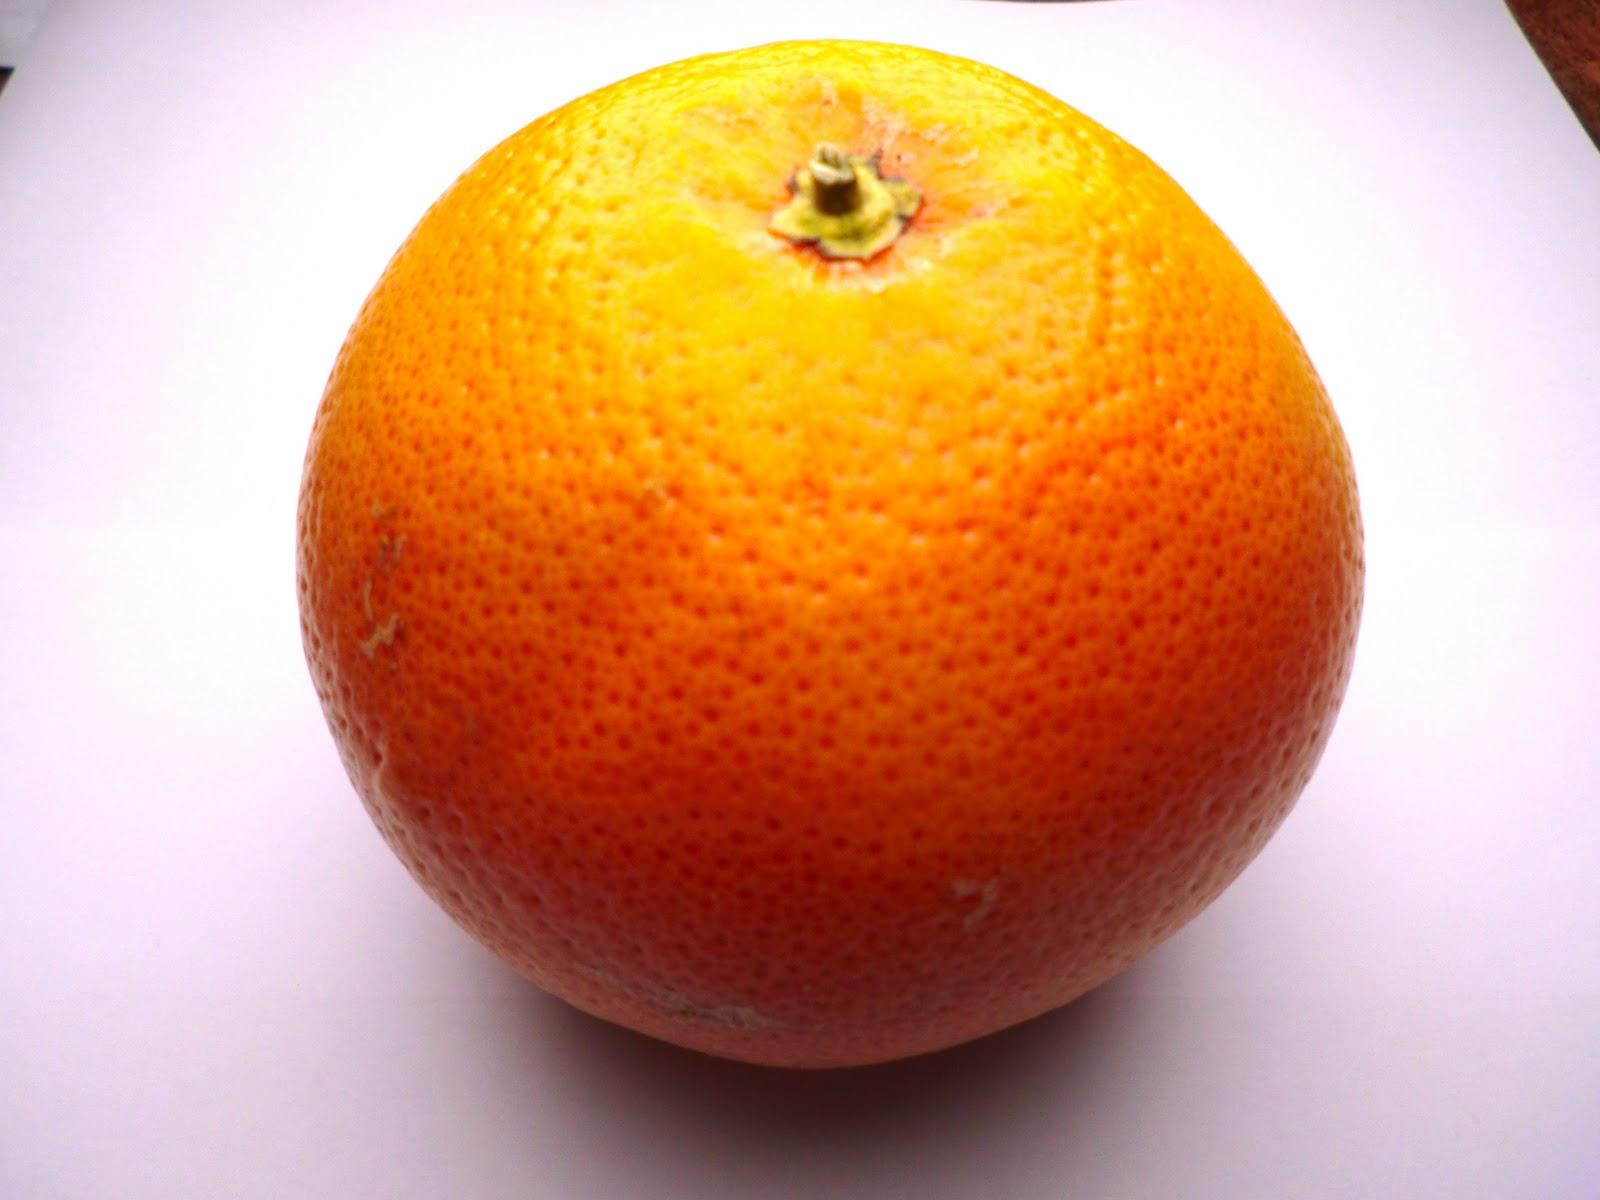 orange wirkung bedeutung und wirkung der frabe orange viversum die orange farbe bedeutung. Black Bedroom Furniture Sets. Home Design Ideas